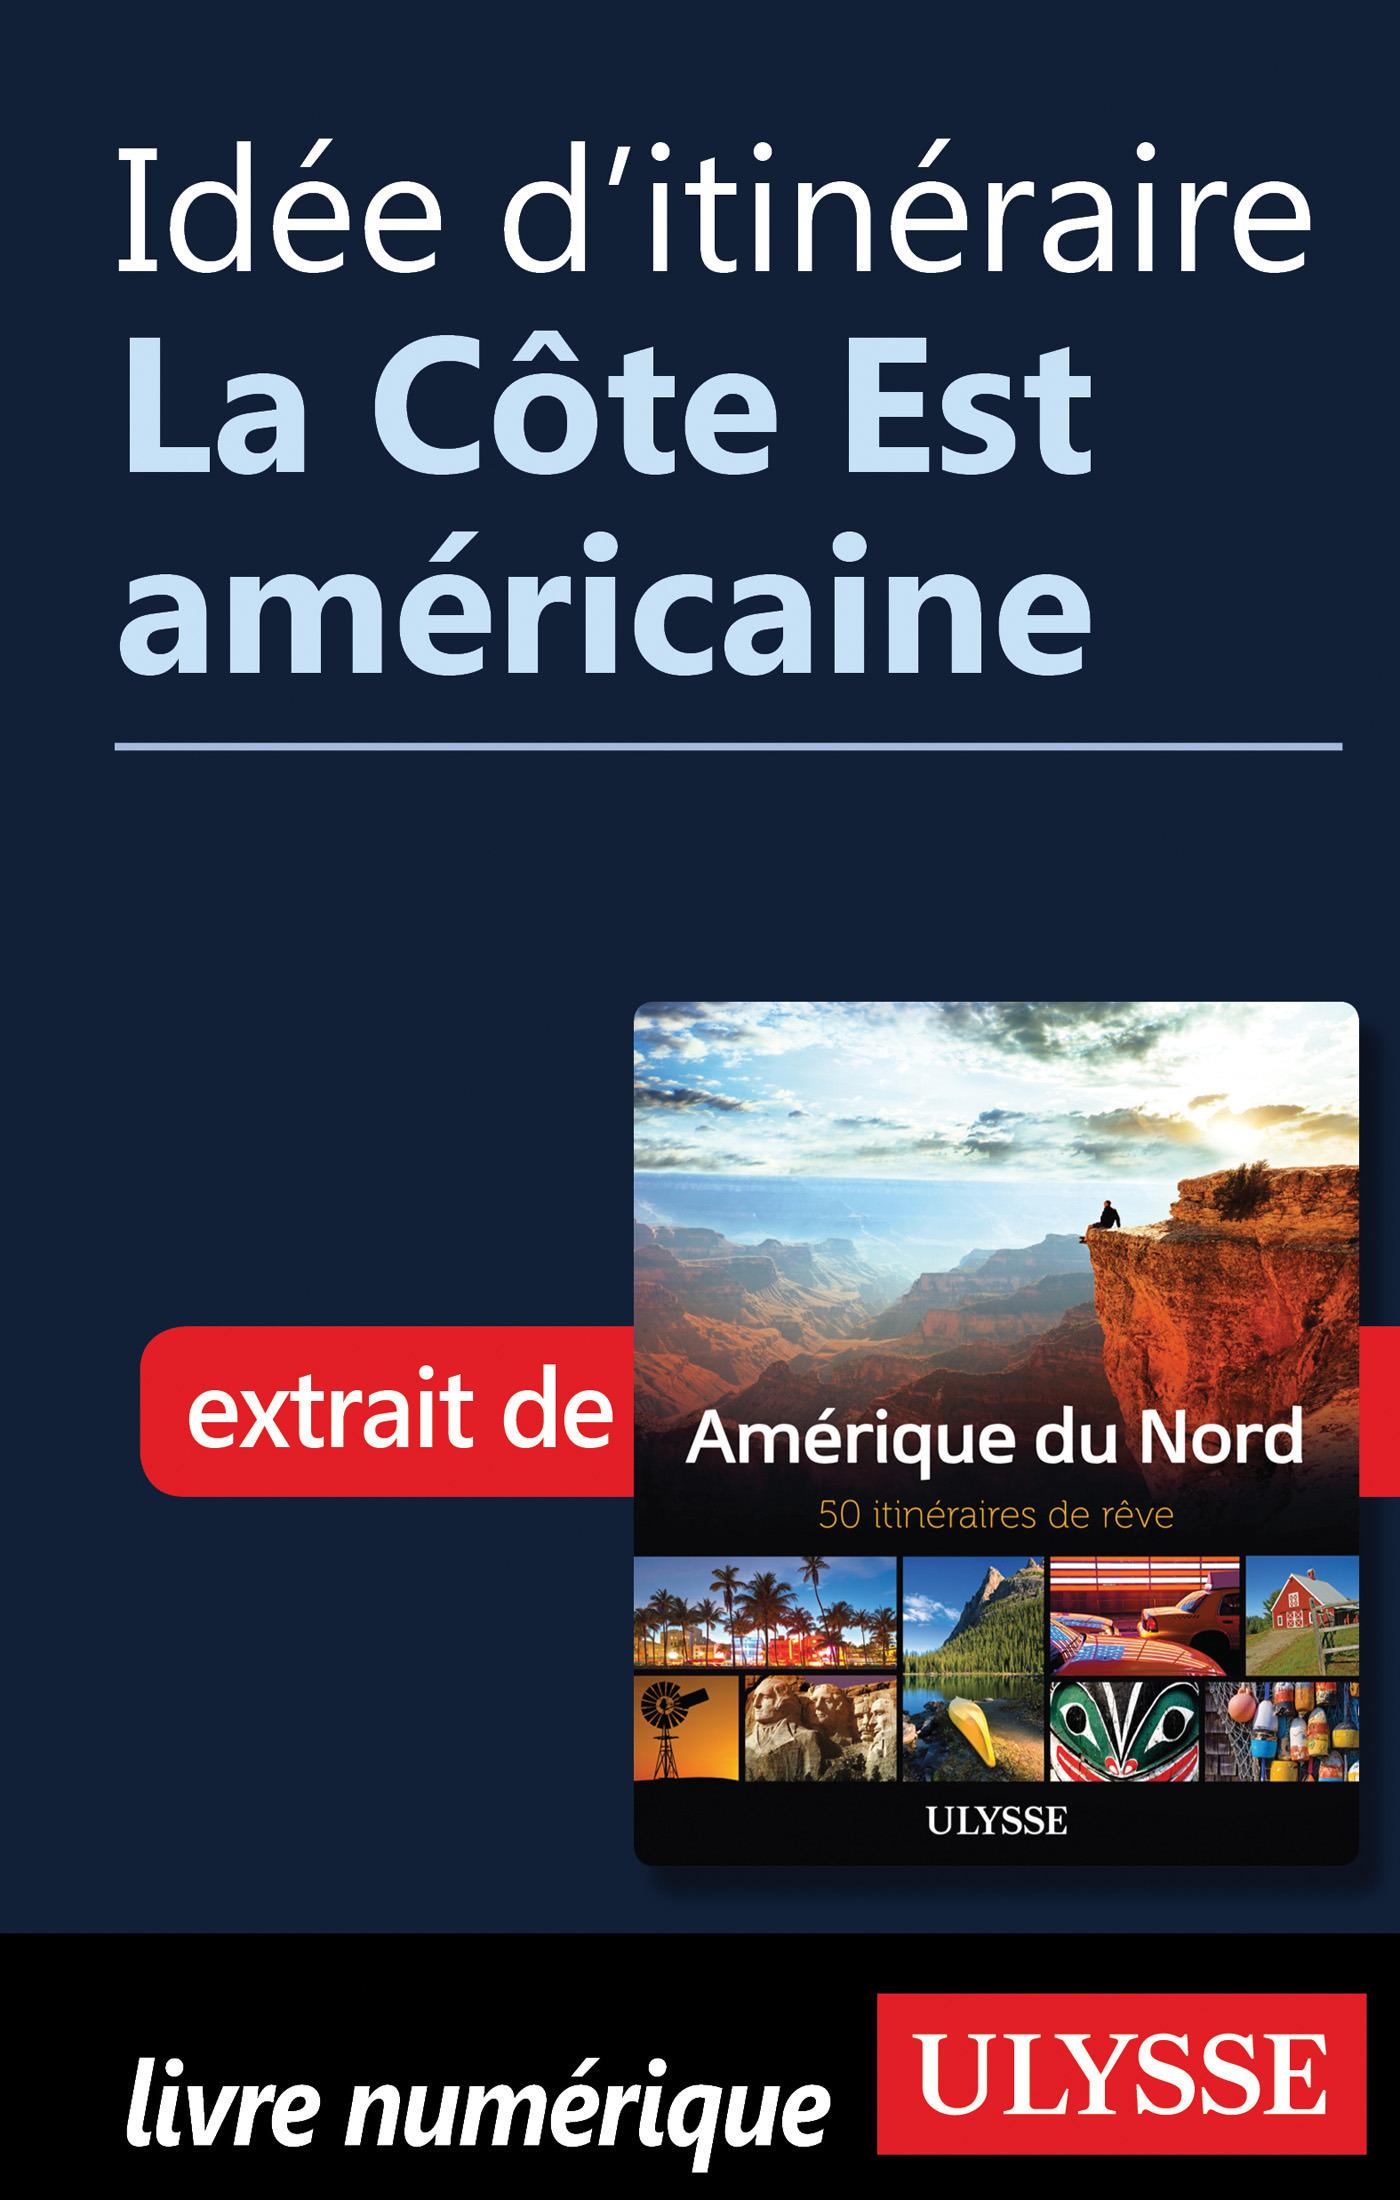 Idée d'itinéraire - La Côte Est américaine